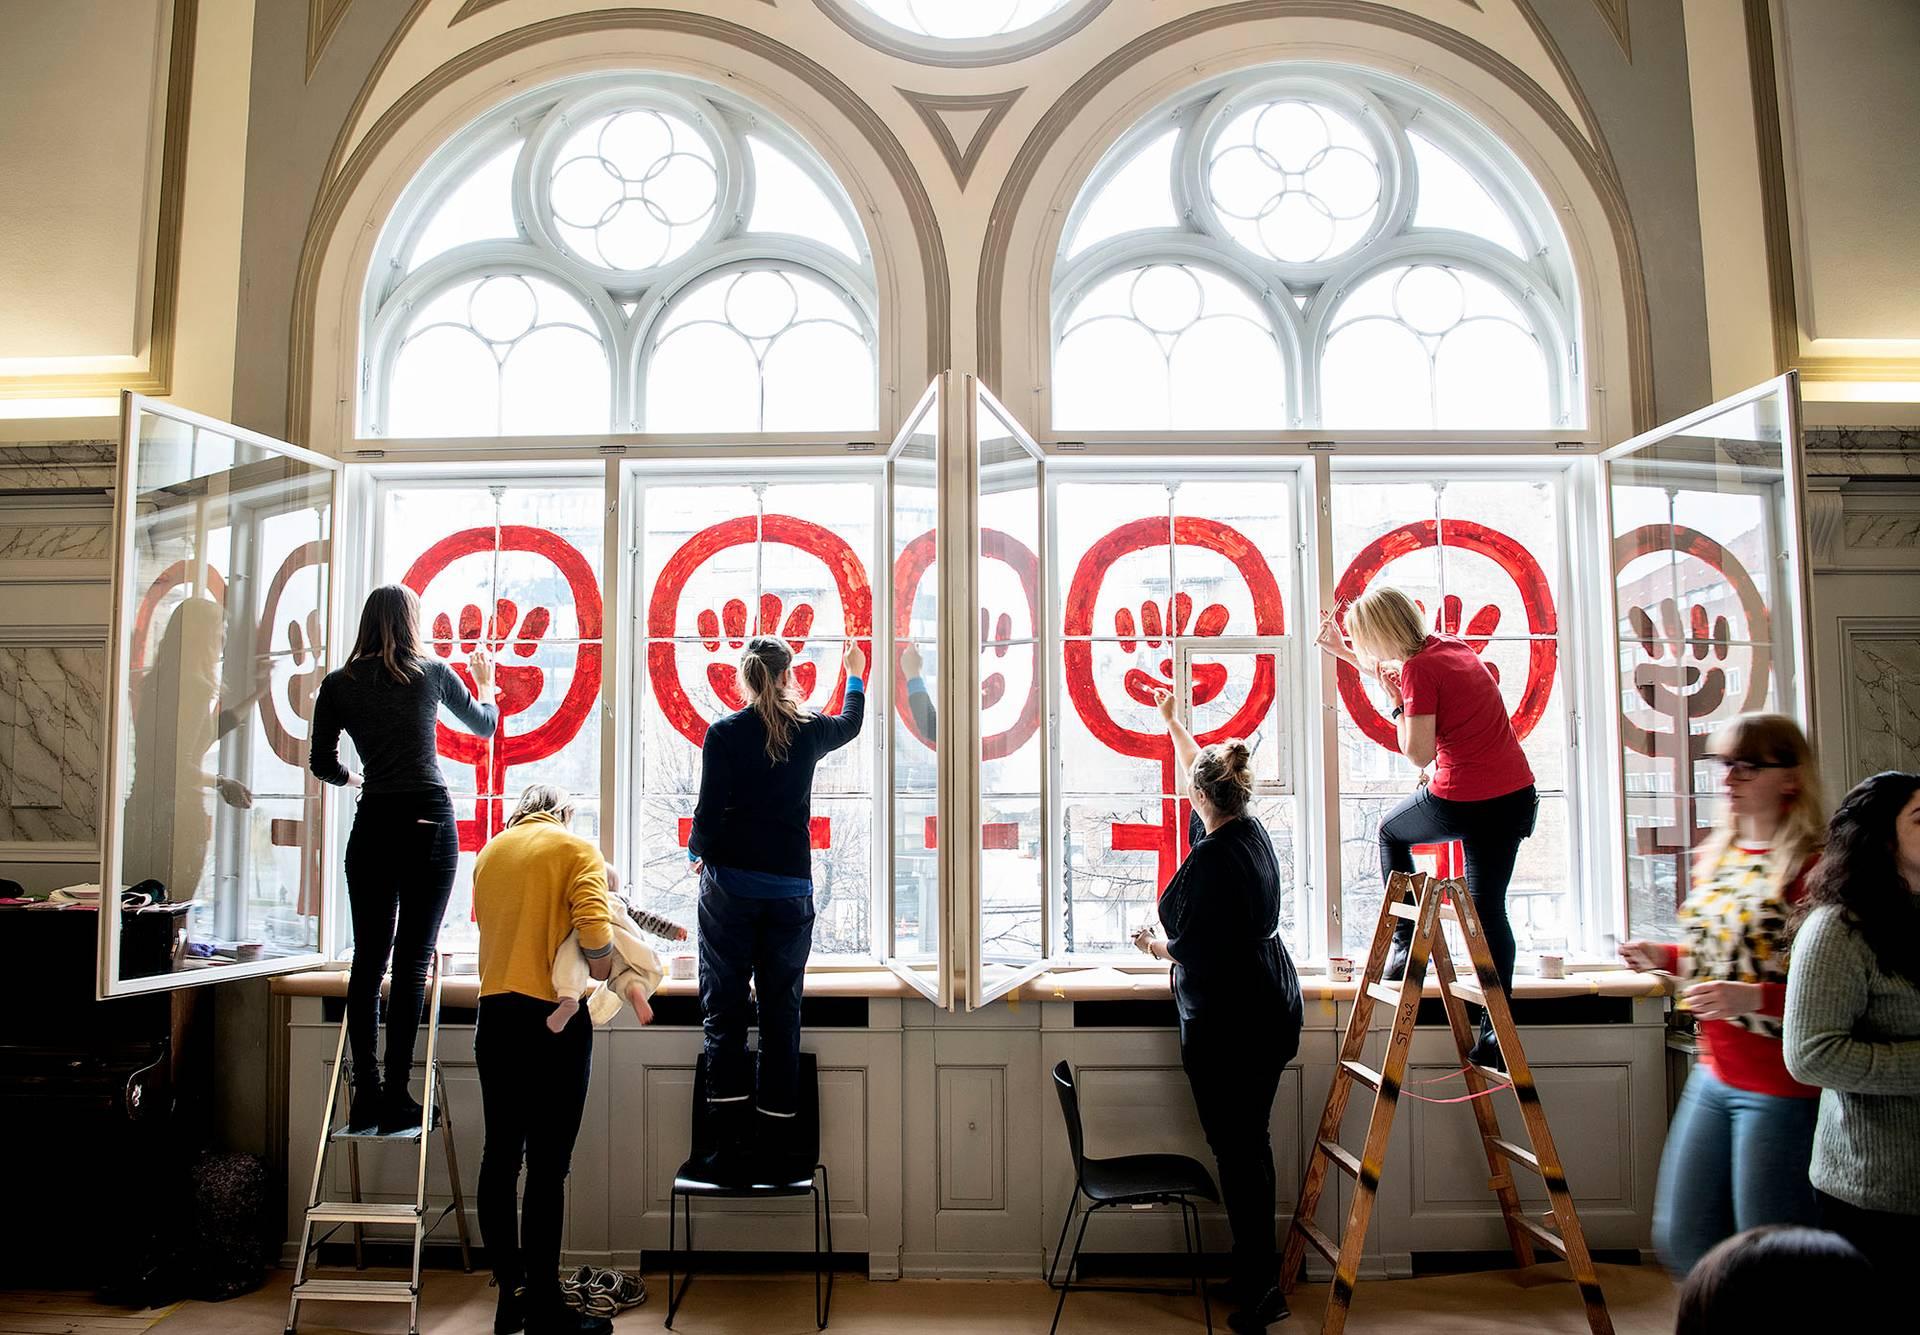 Данські жінки розмальовують вікна будівлі Danner Foundation у Копенгагені, Данія, 8 березня 2019 року. Цього року виповнюється 40 років відтоді, як жіночі символи були намальовані на вікнах в день, коли цей будинок зайняли 300 феміністок